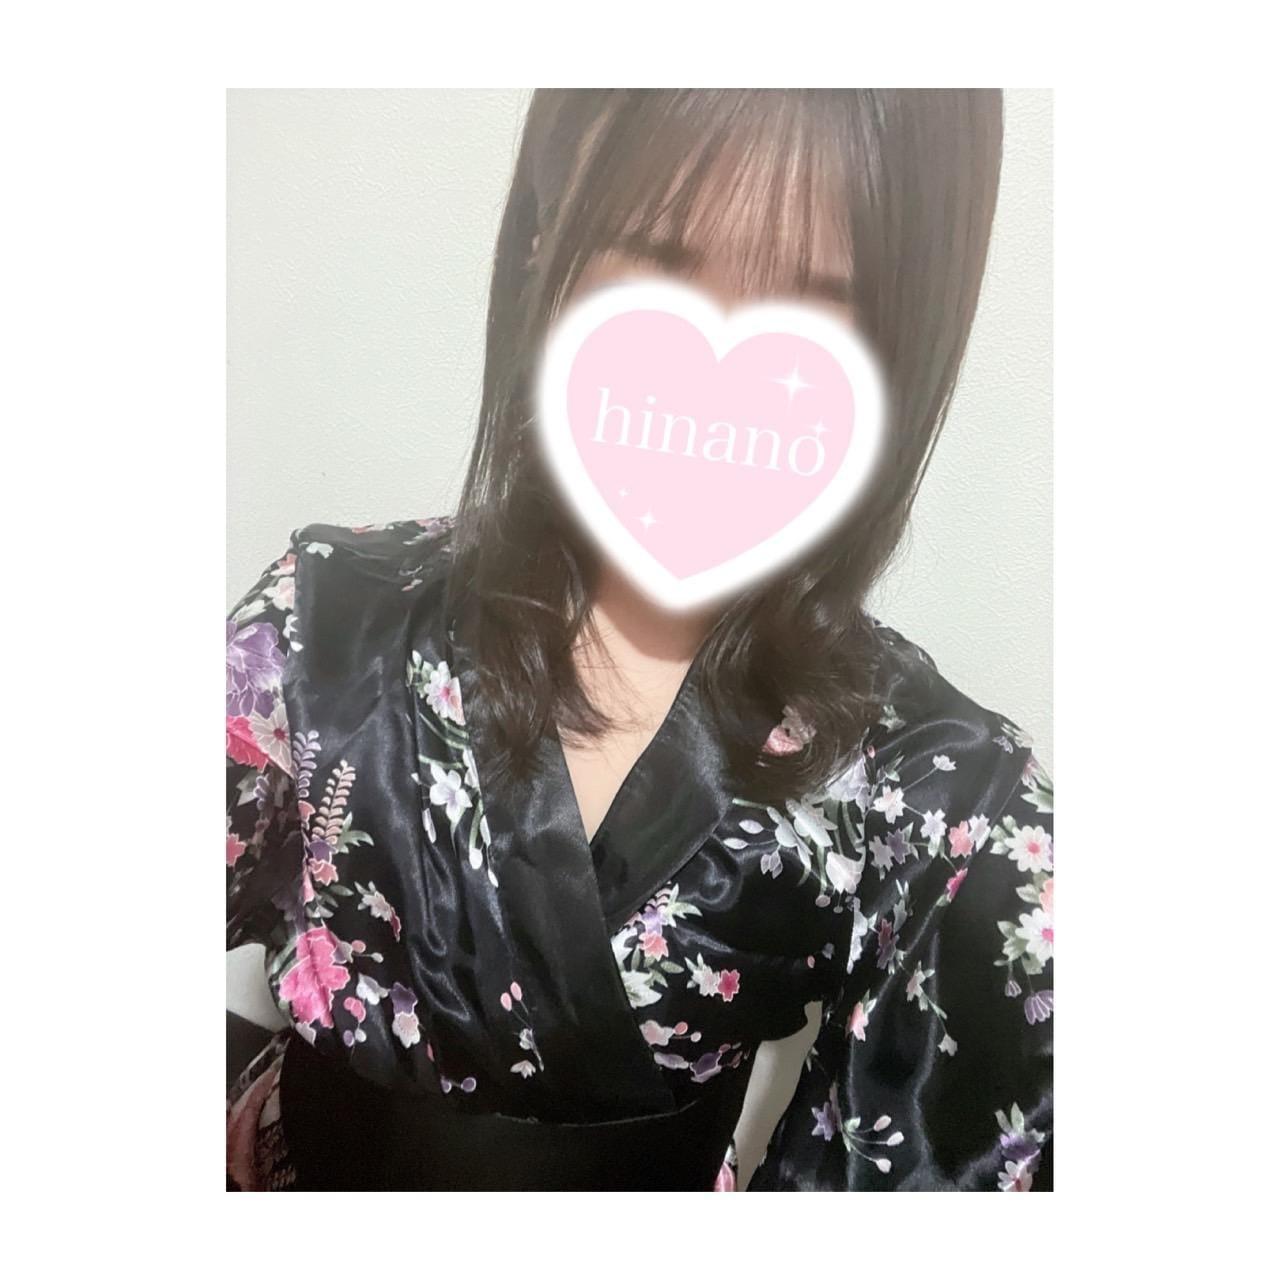 「こんにちわ」10/23(土) 17:03   ヒナノの写メ日記